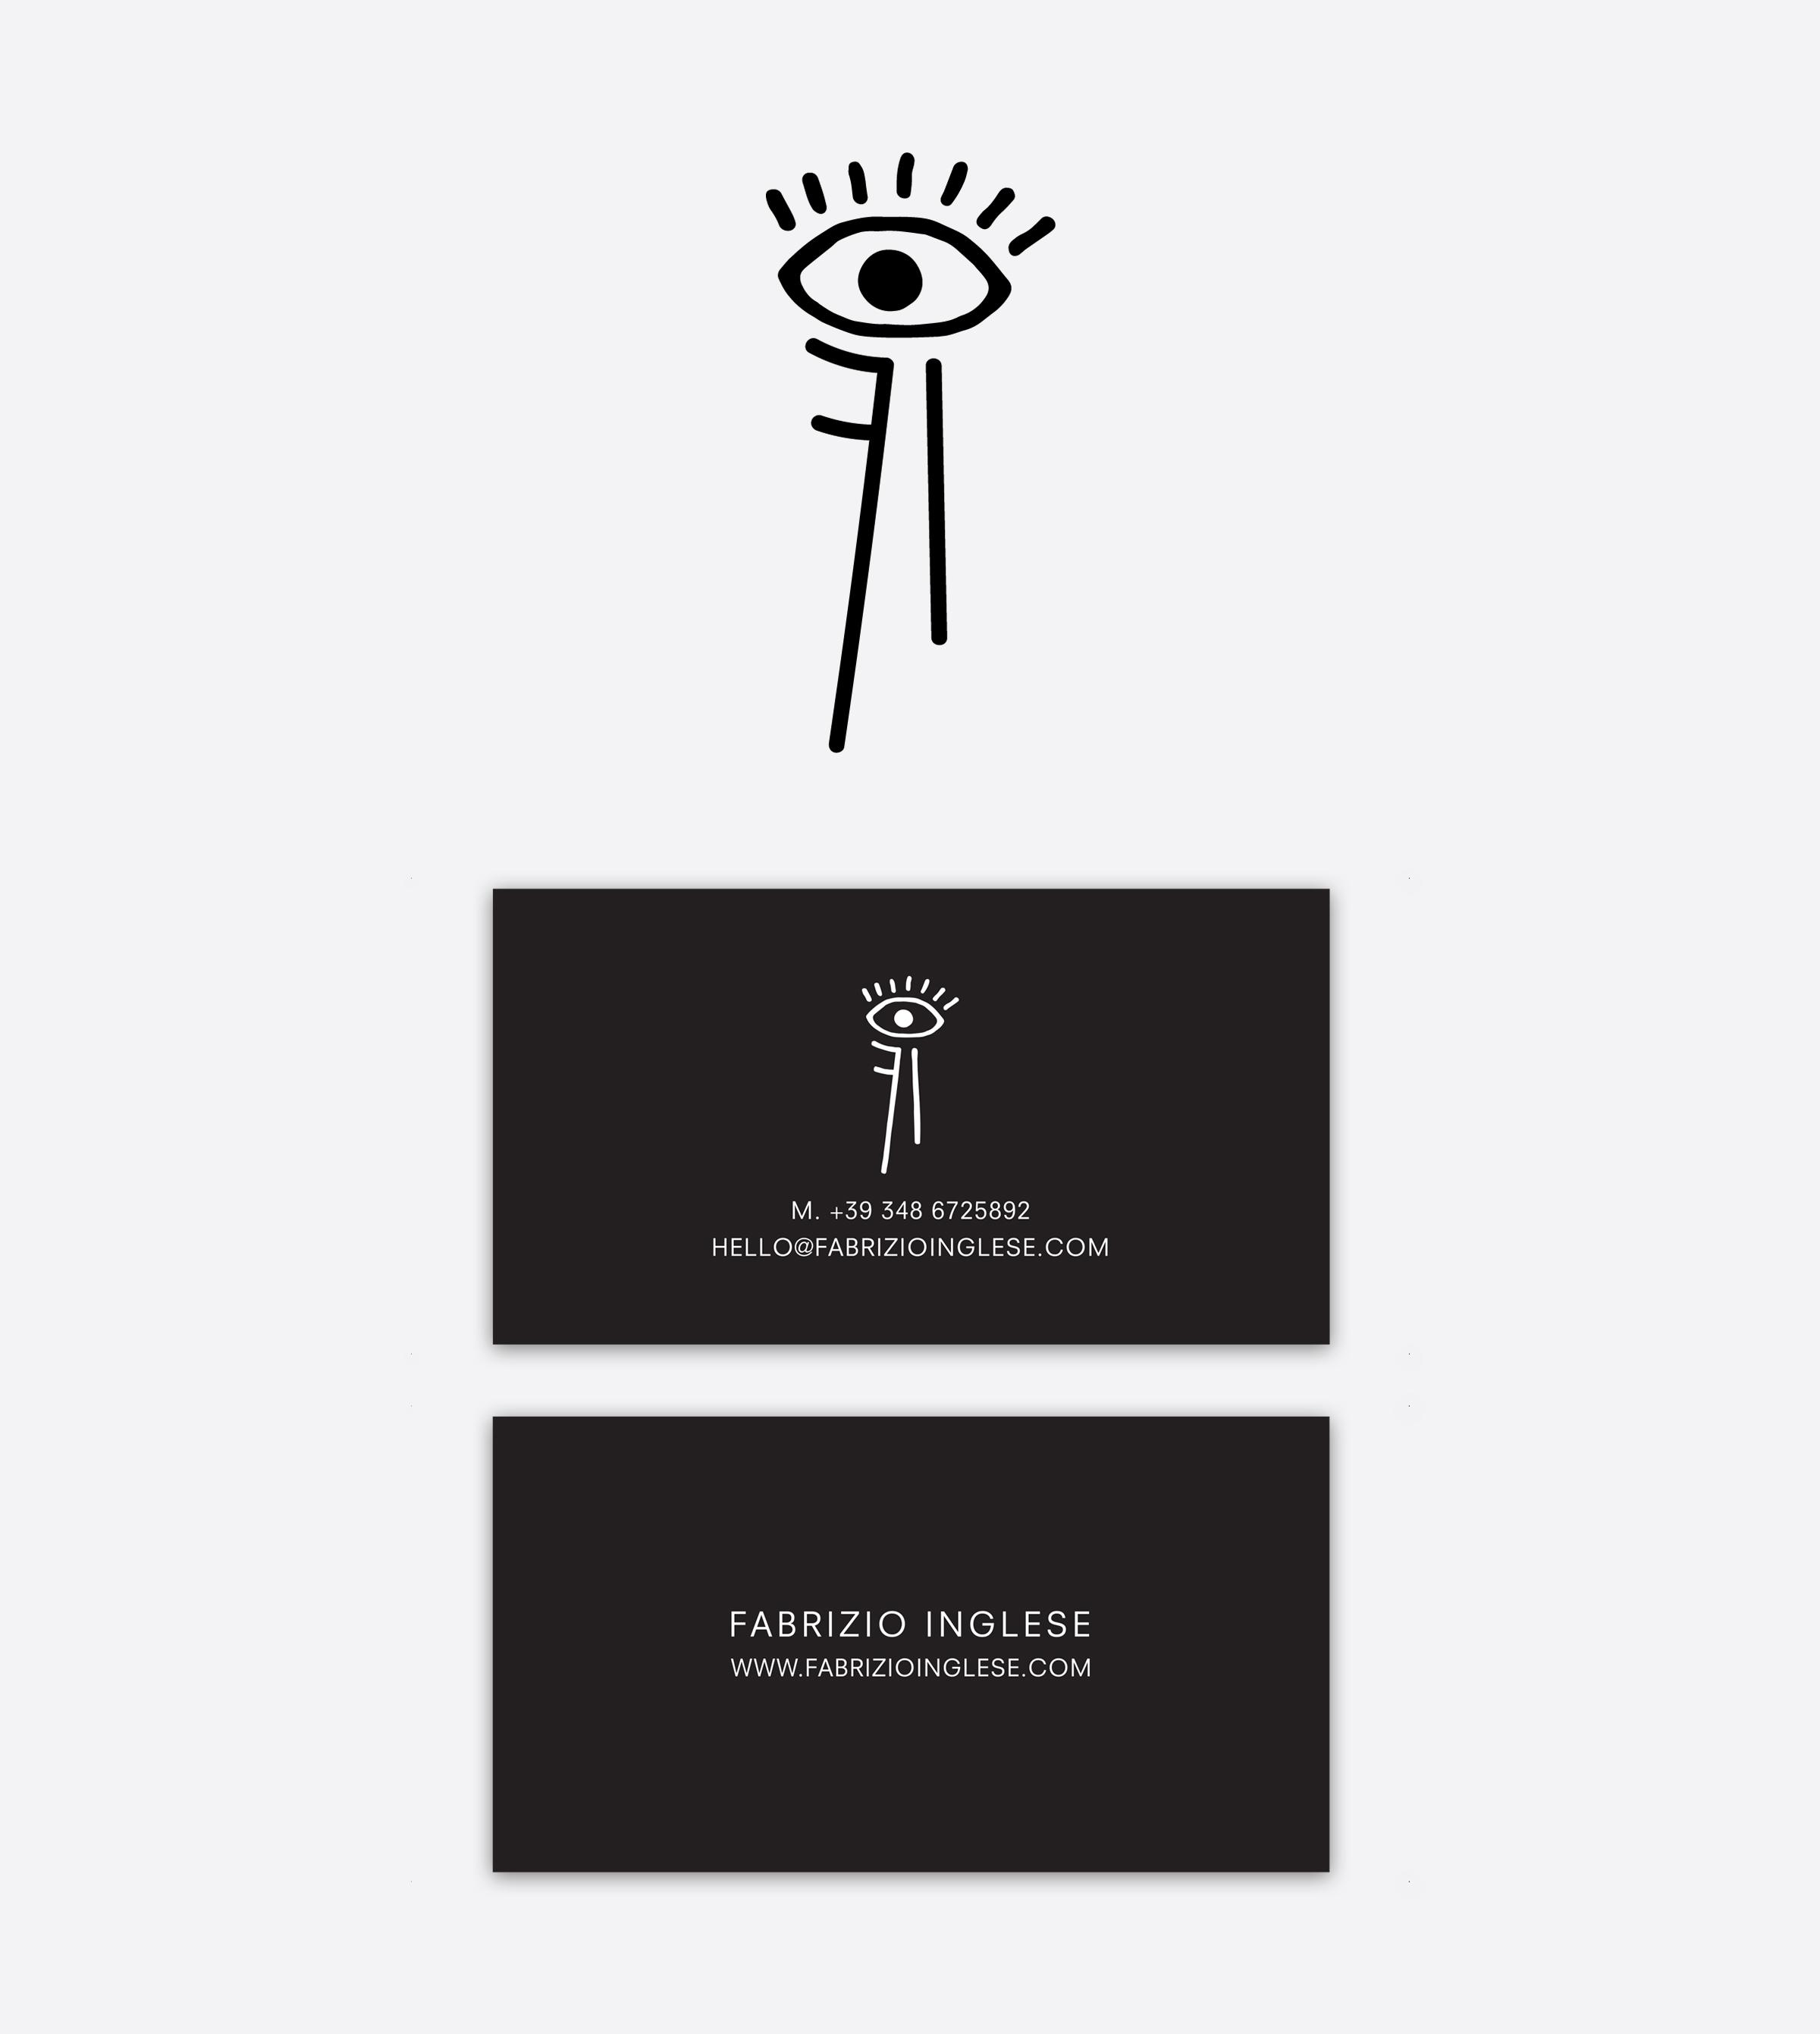 biglietti+logo